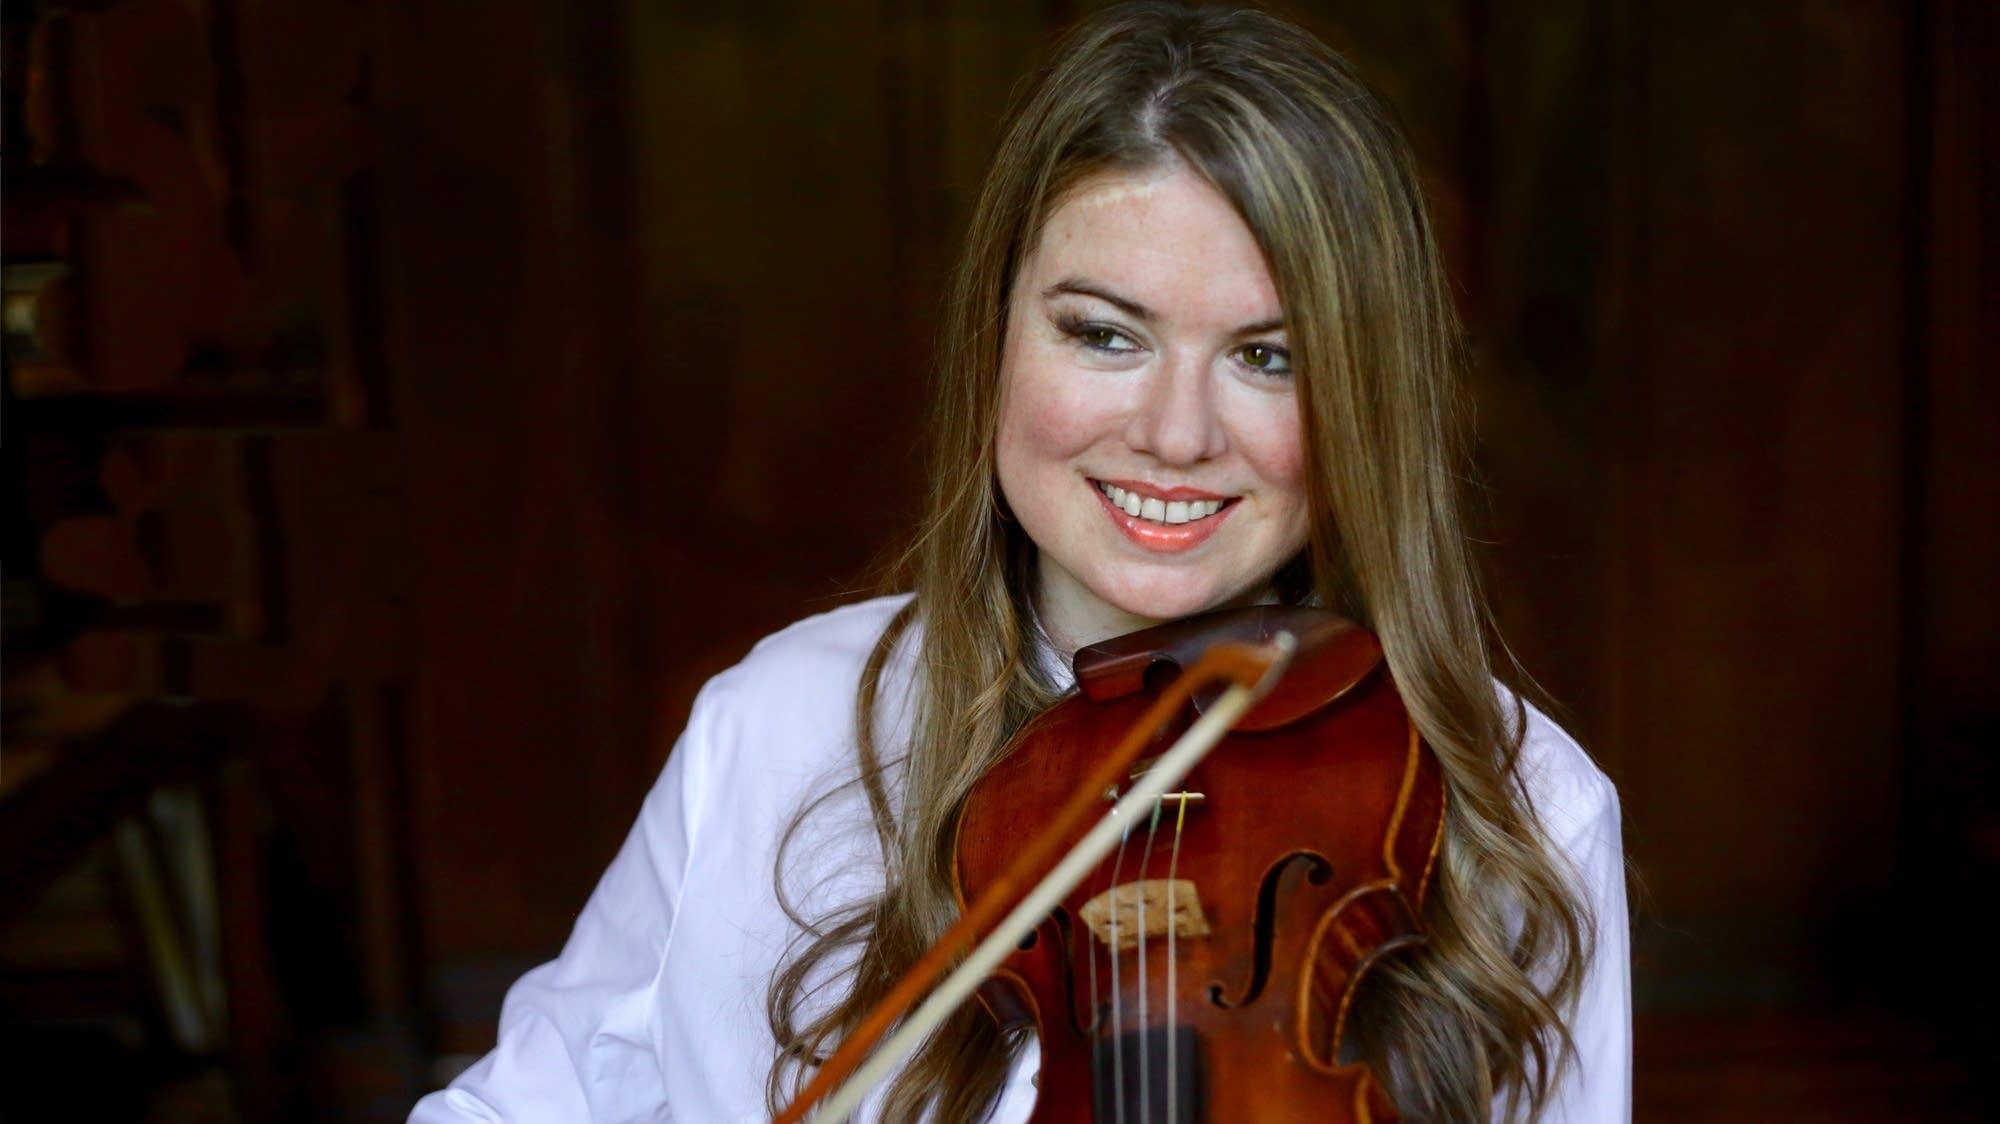 Violinist Lara St. John